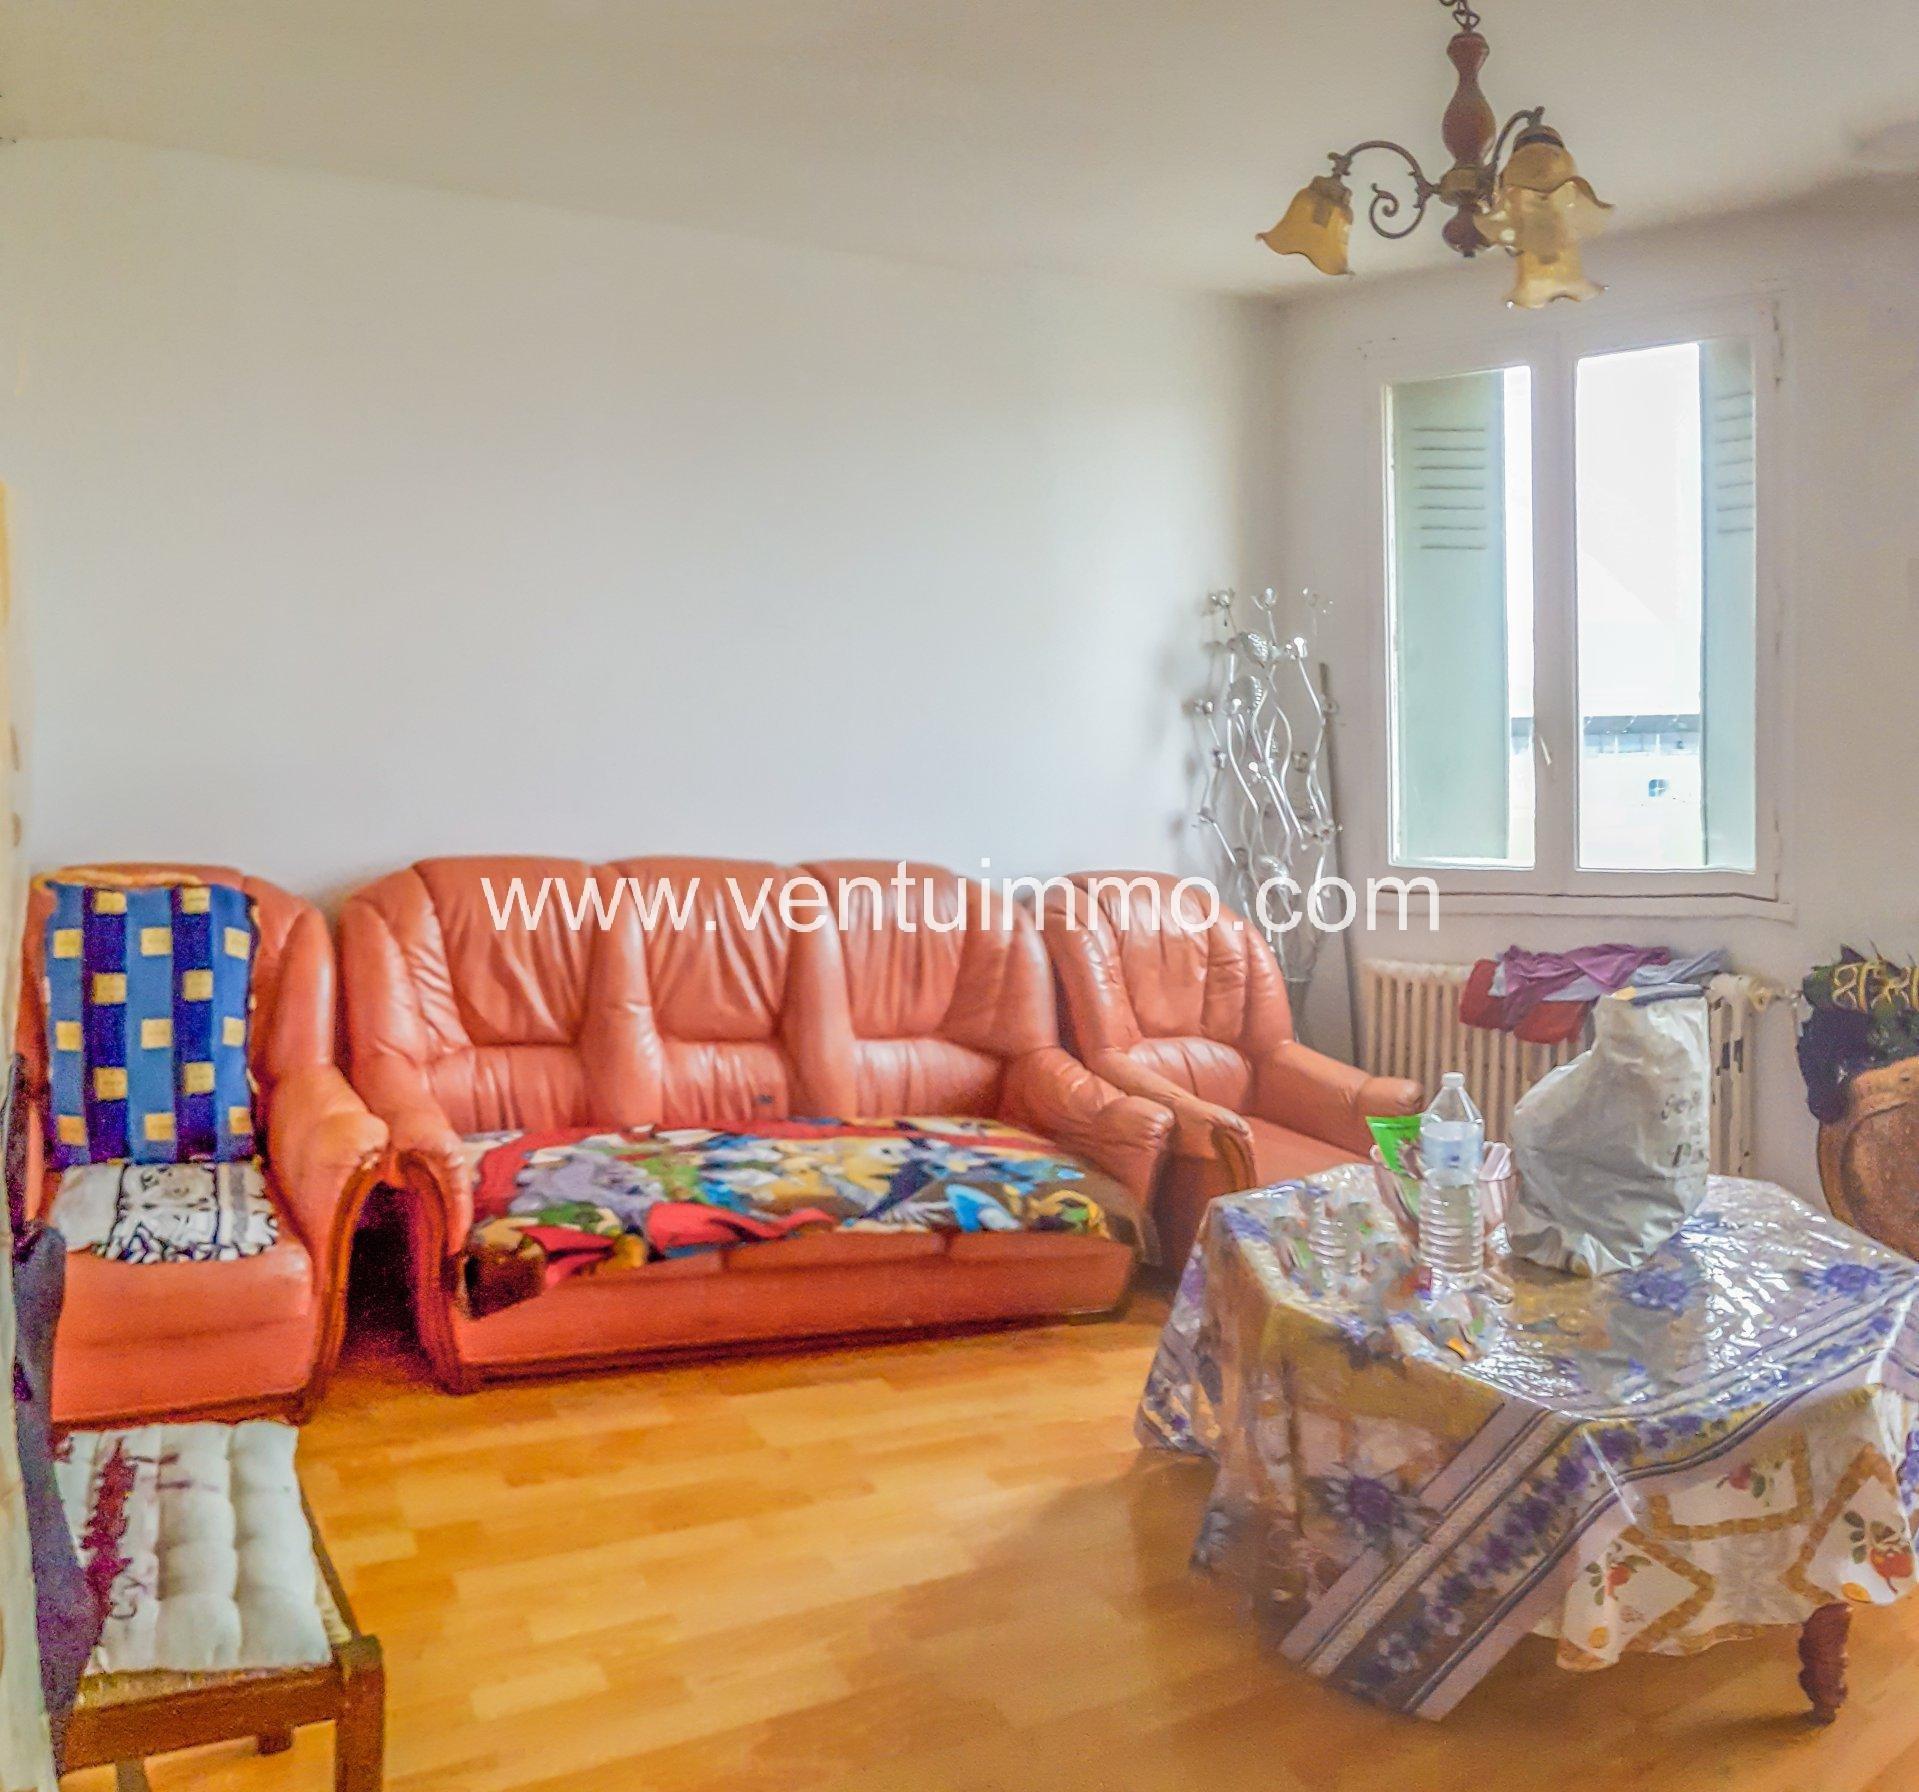 BAISSE DE PRIX: Appartement T4 de 78 m2 dans un immeuble bien situé a bourg les valence